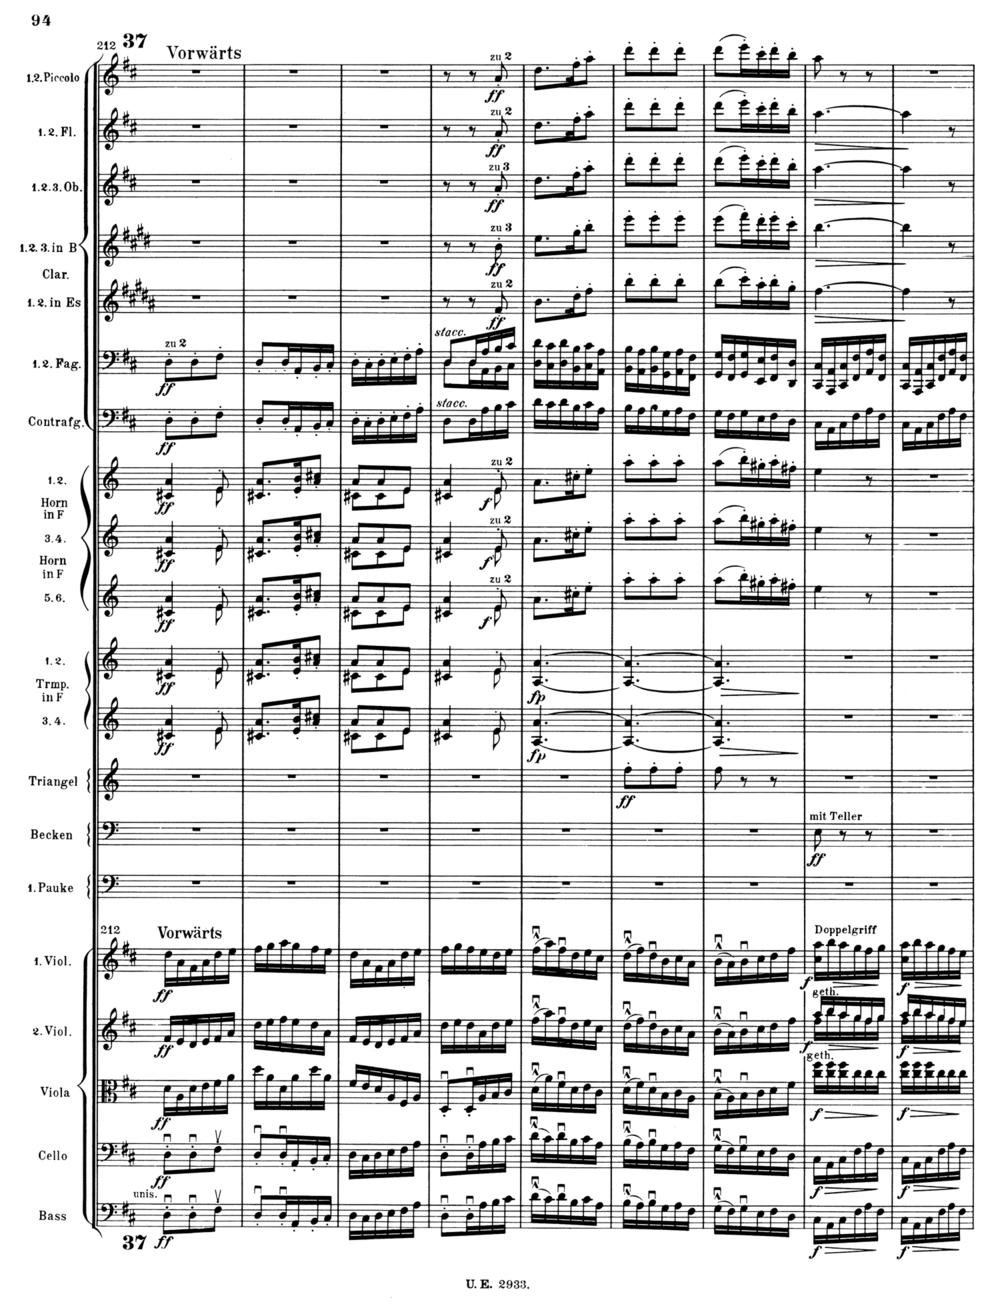 Mahler 2 Score 1.jpg